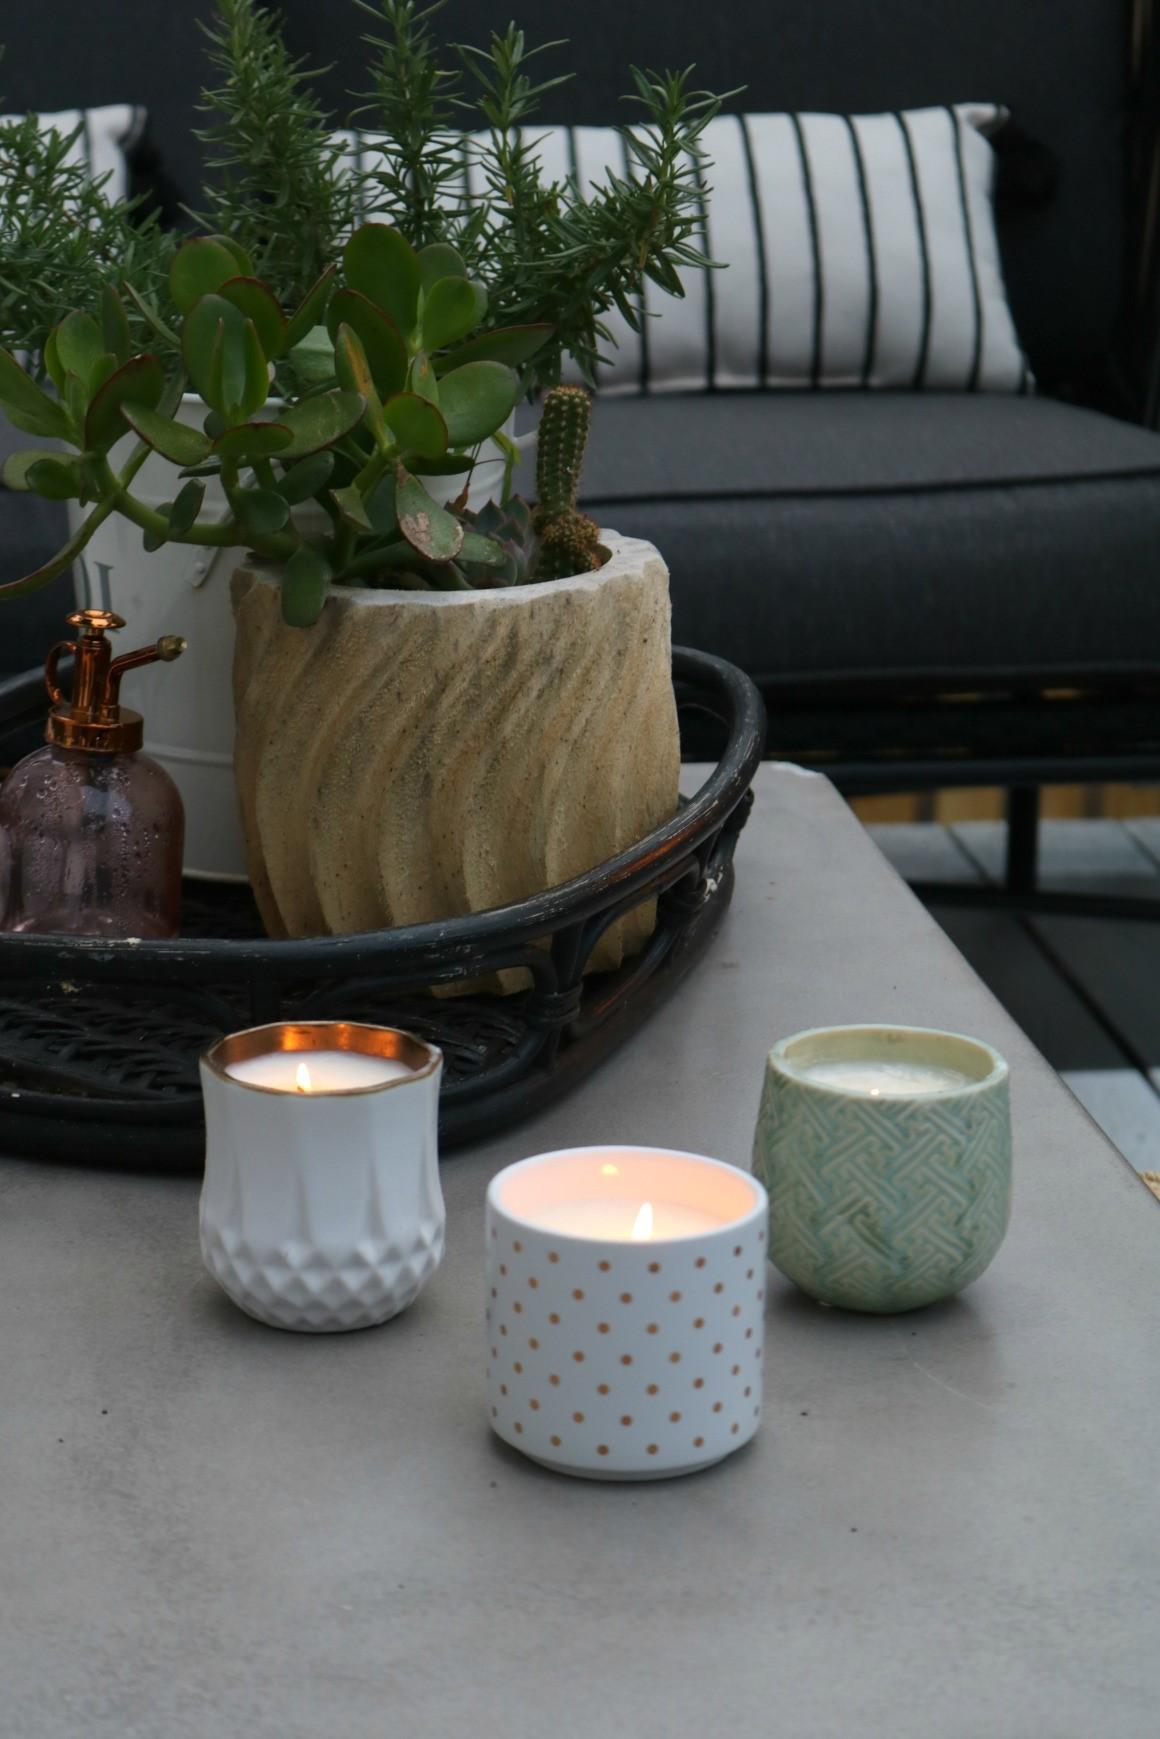 Allumer quelques bougies bien placées dans votre maison peut vraiment créer une atmosphère chaleureuse et intime.